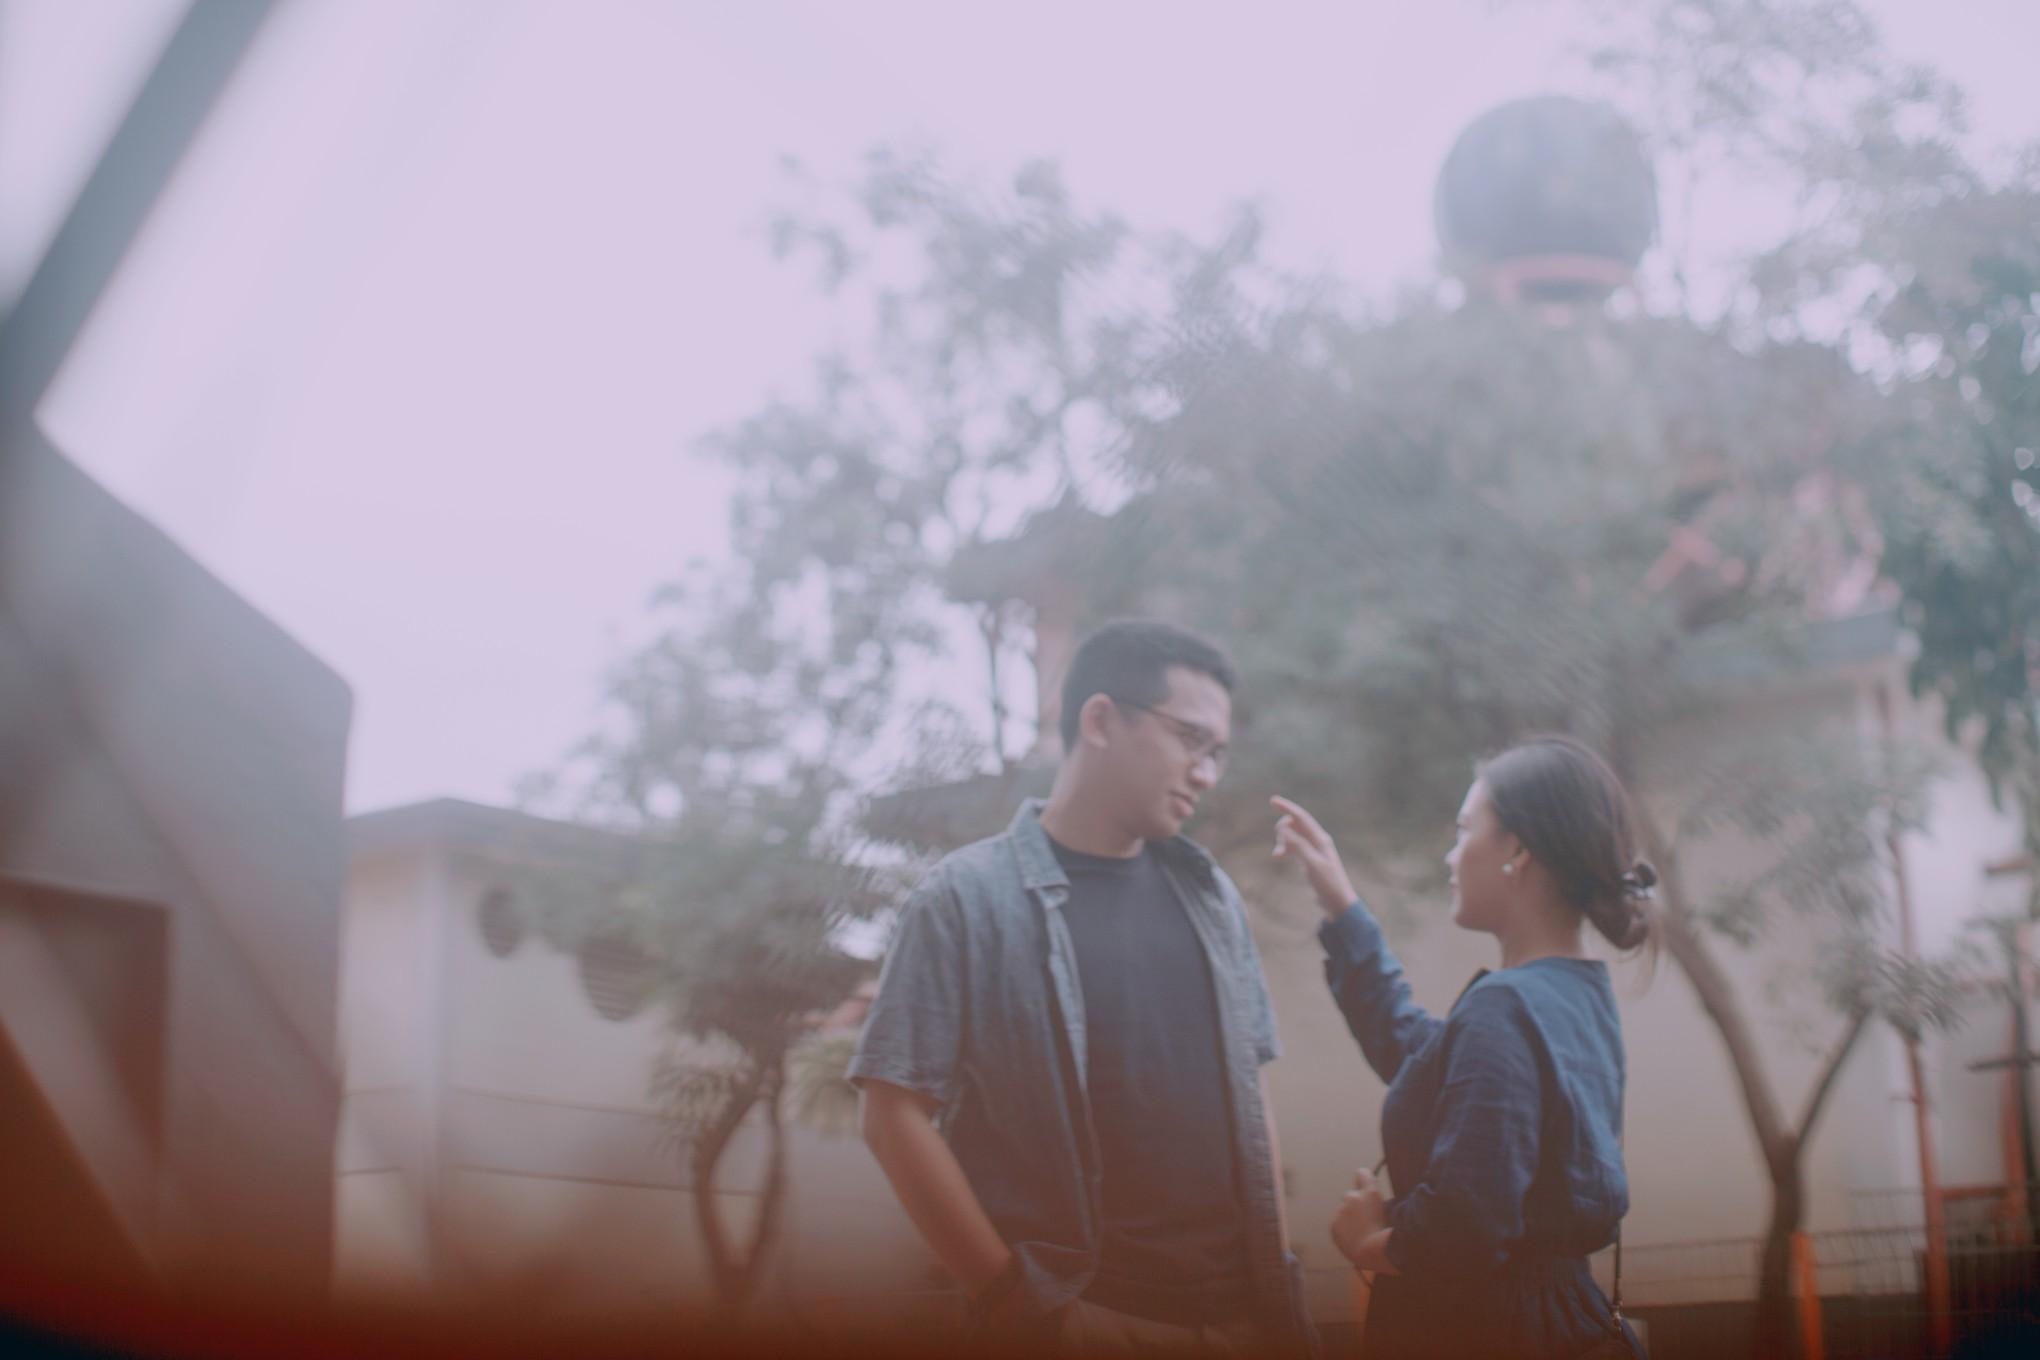 A Casual Pre-wedding Date a la Romantic Comedy Movies